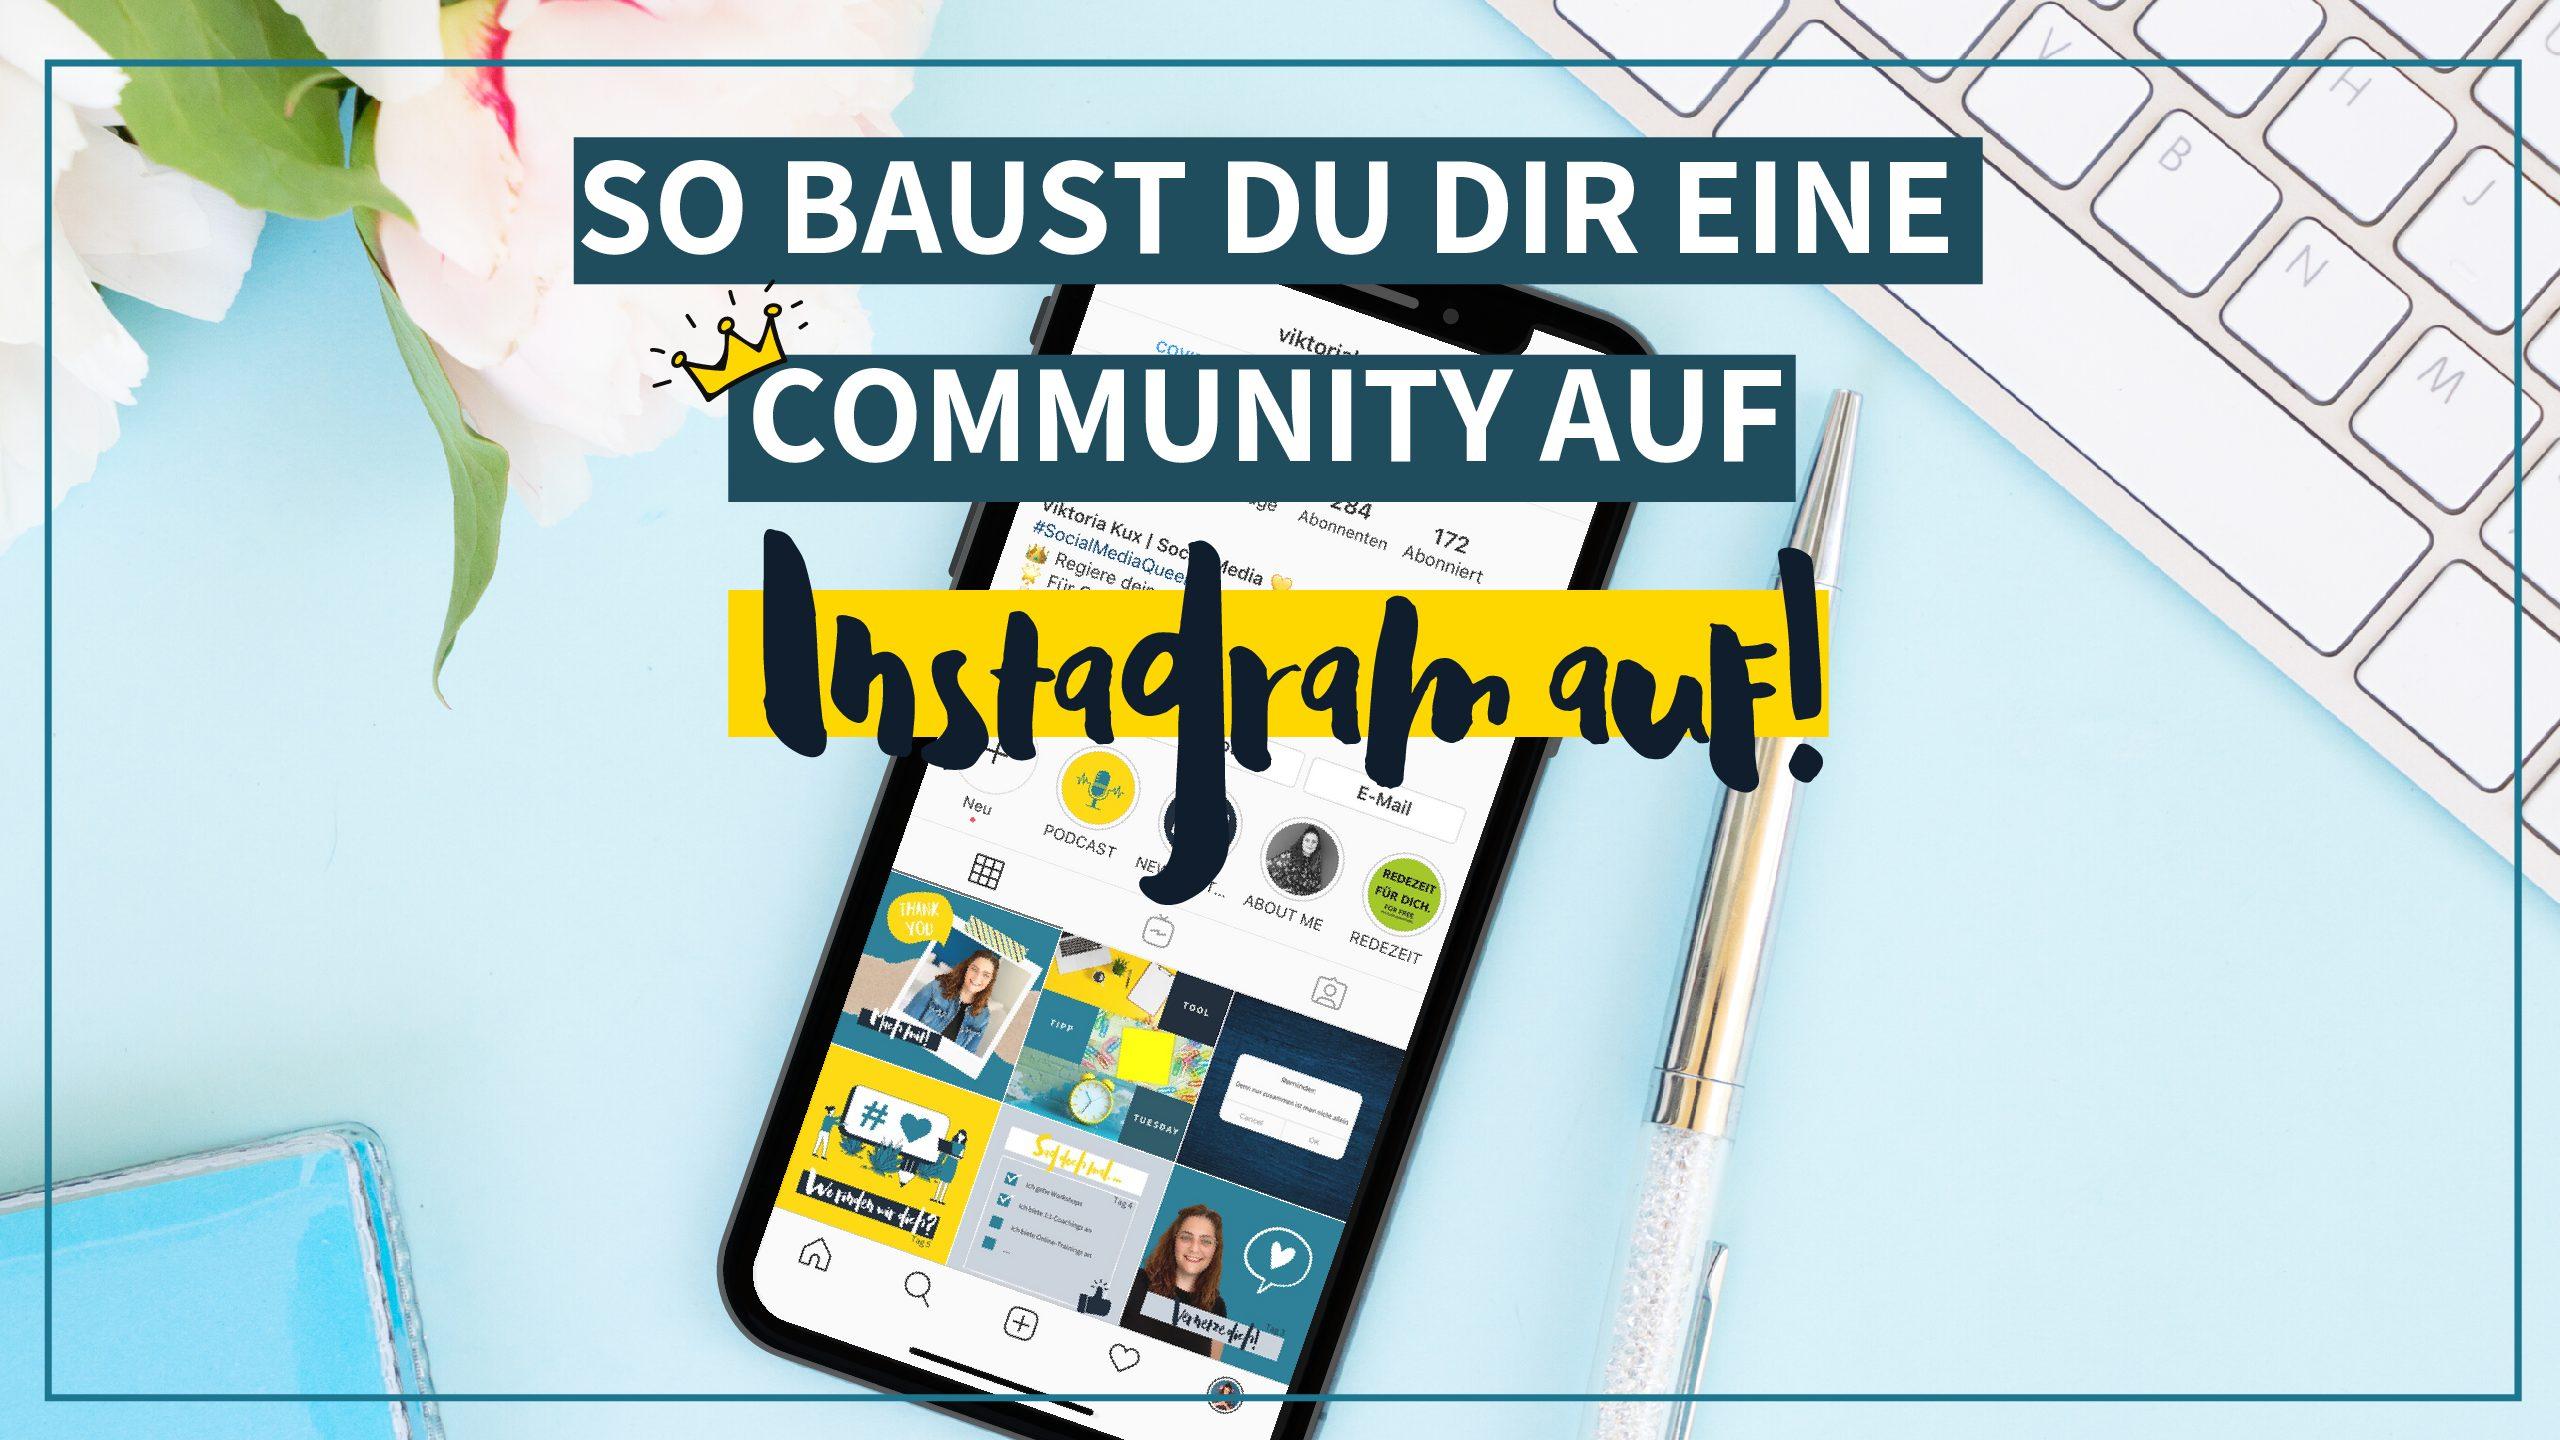 So baust du dir eine Community auf Instagram auf